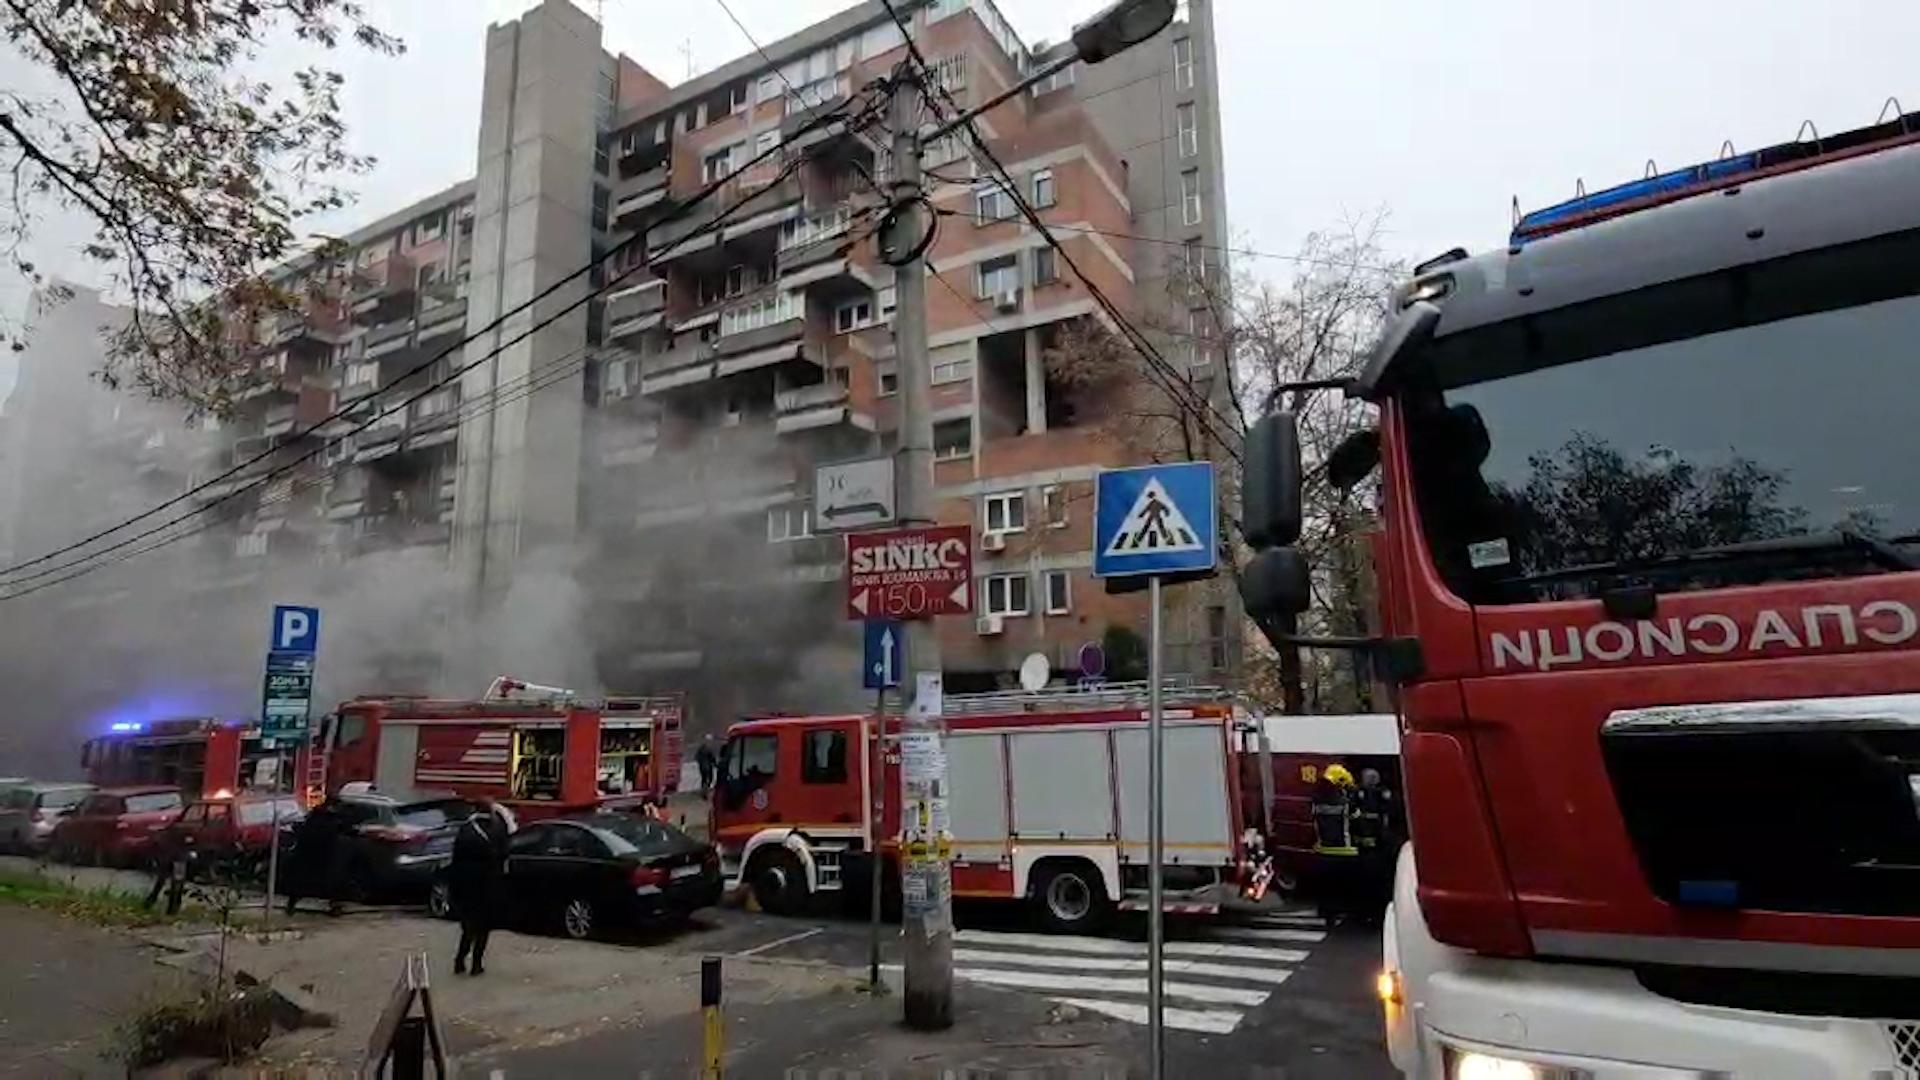 POŽAR U JUŽNOM BULEVARU: Osam vozila vatrogasaca gasi vatrenu stihiju